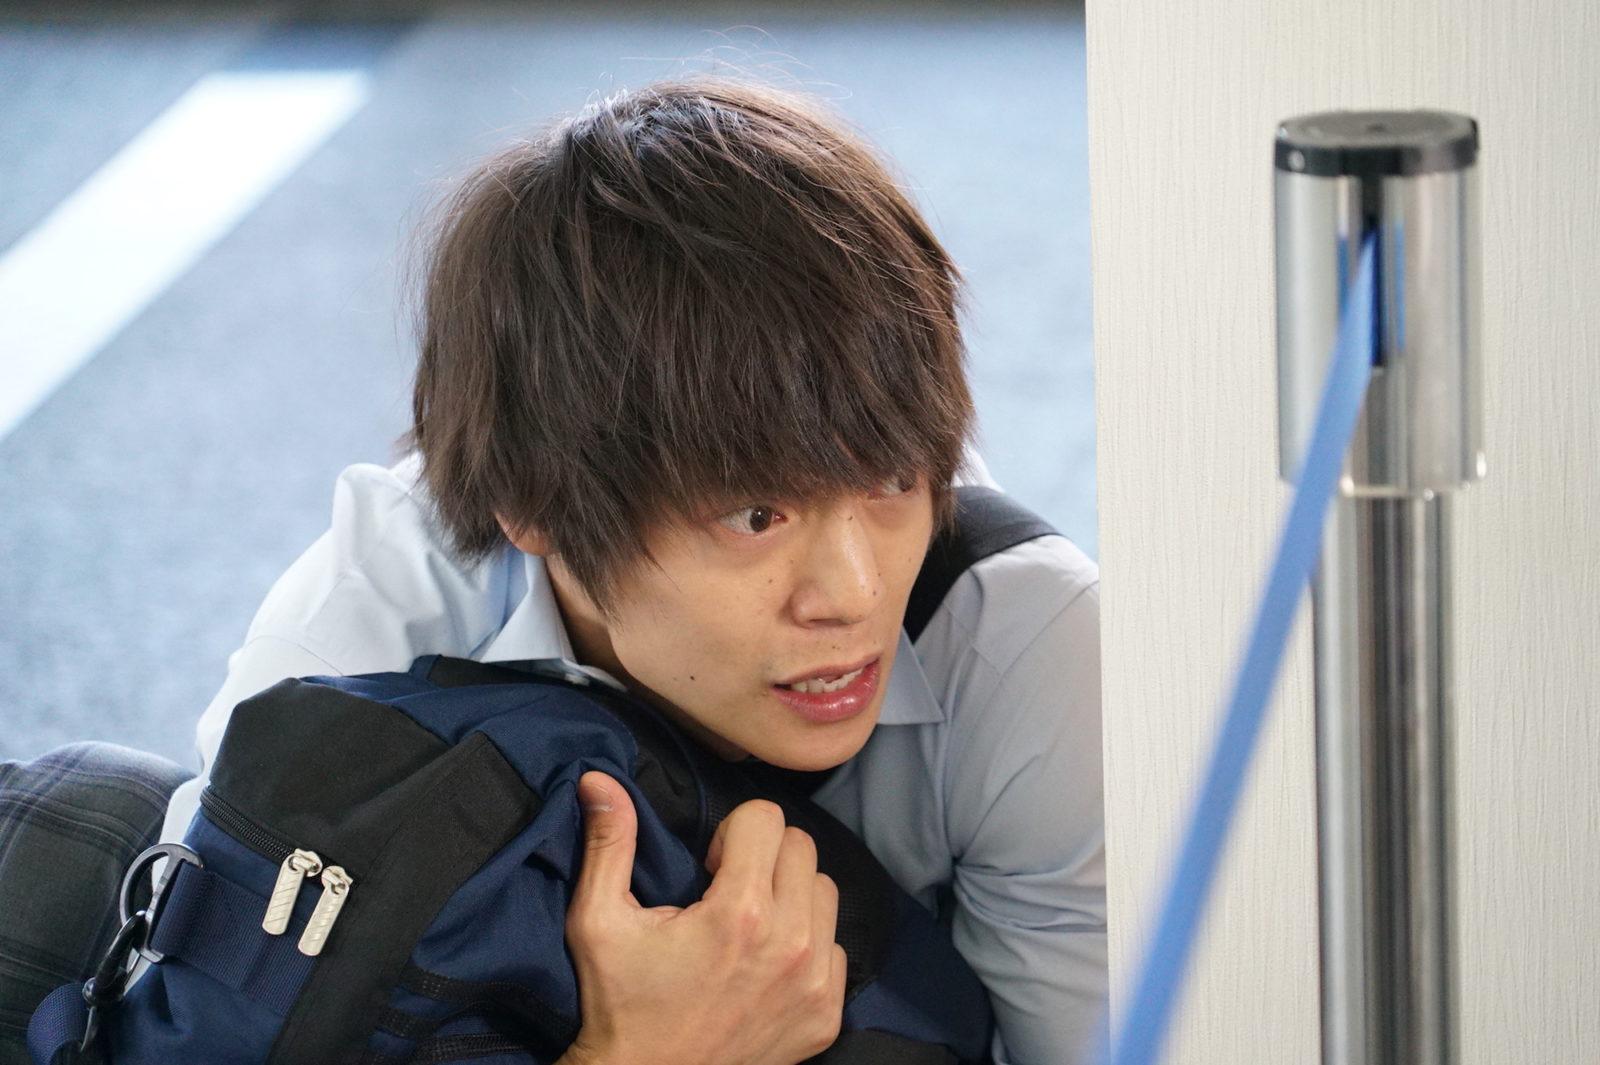 「ギリギリまで攻めてる」窪田正孝主演「僕たちがやりました」爆破事件は第三者も関与?サムネイル画像